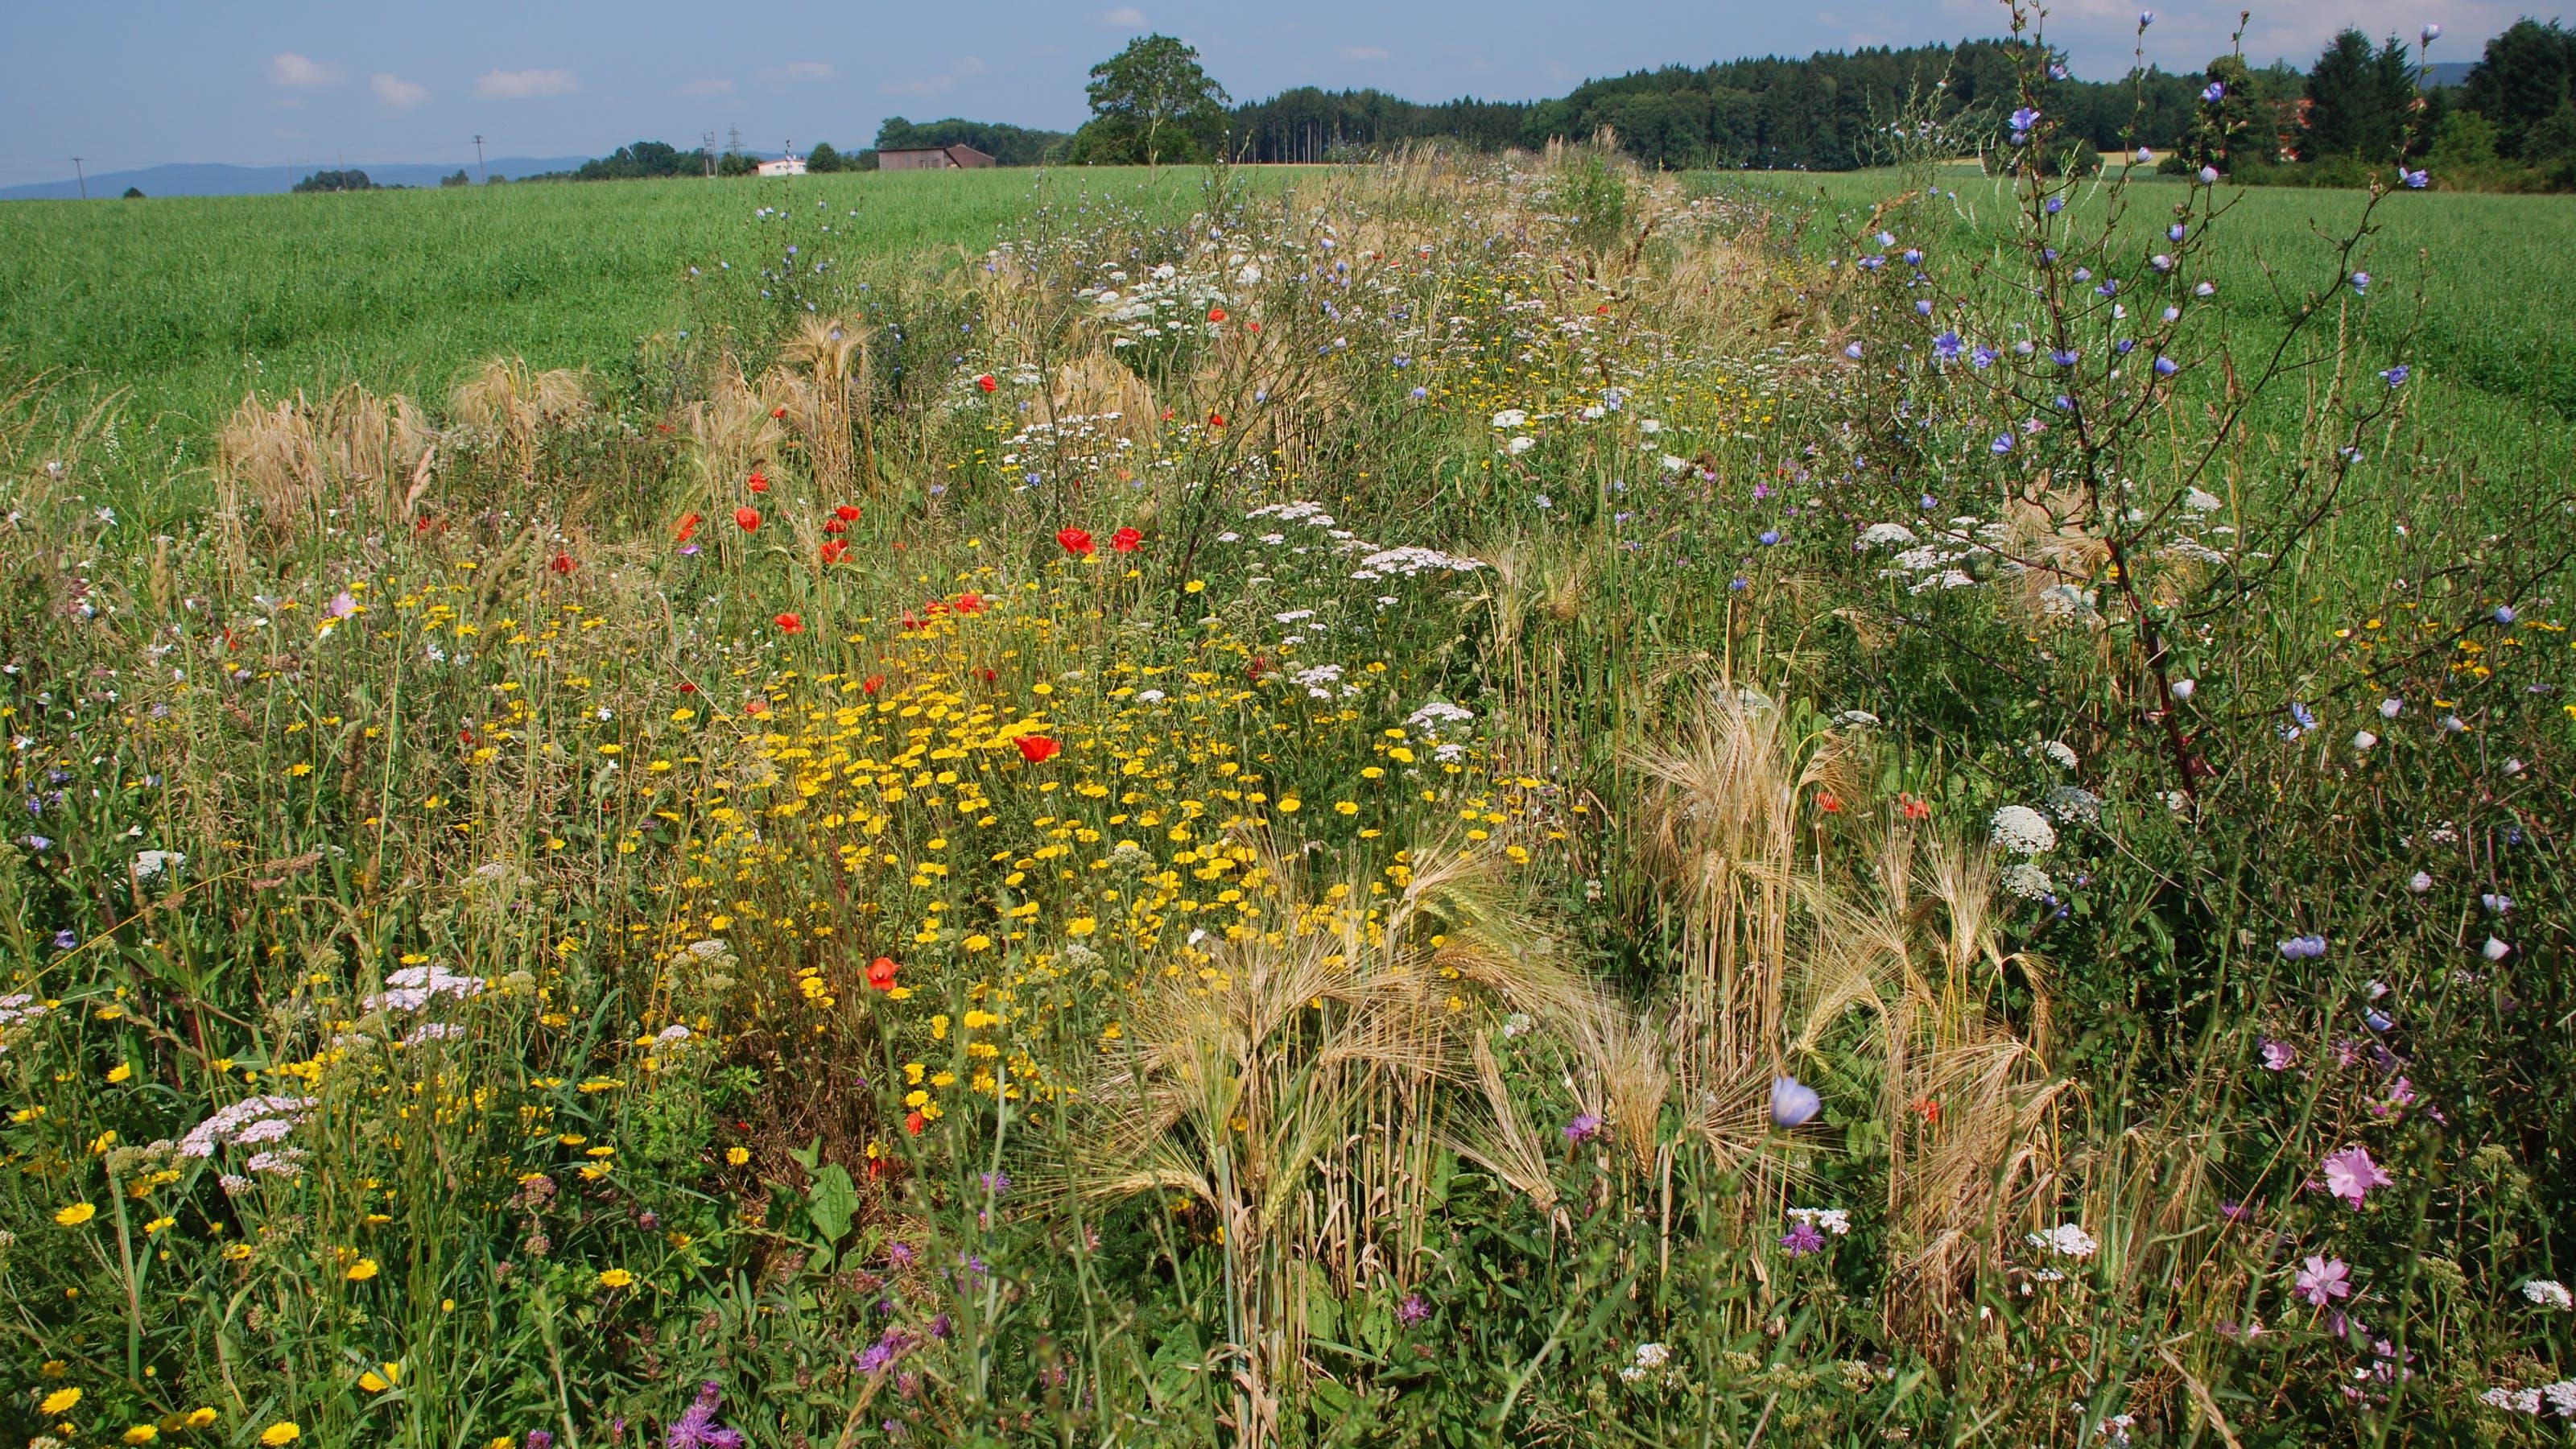 Eine prächtige Buntbrache auf dem Möhliner Feld. Sie dient der ökologischen Vernetzung von Lebensräumen.